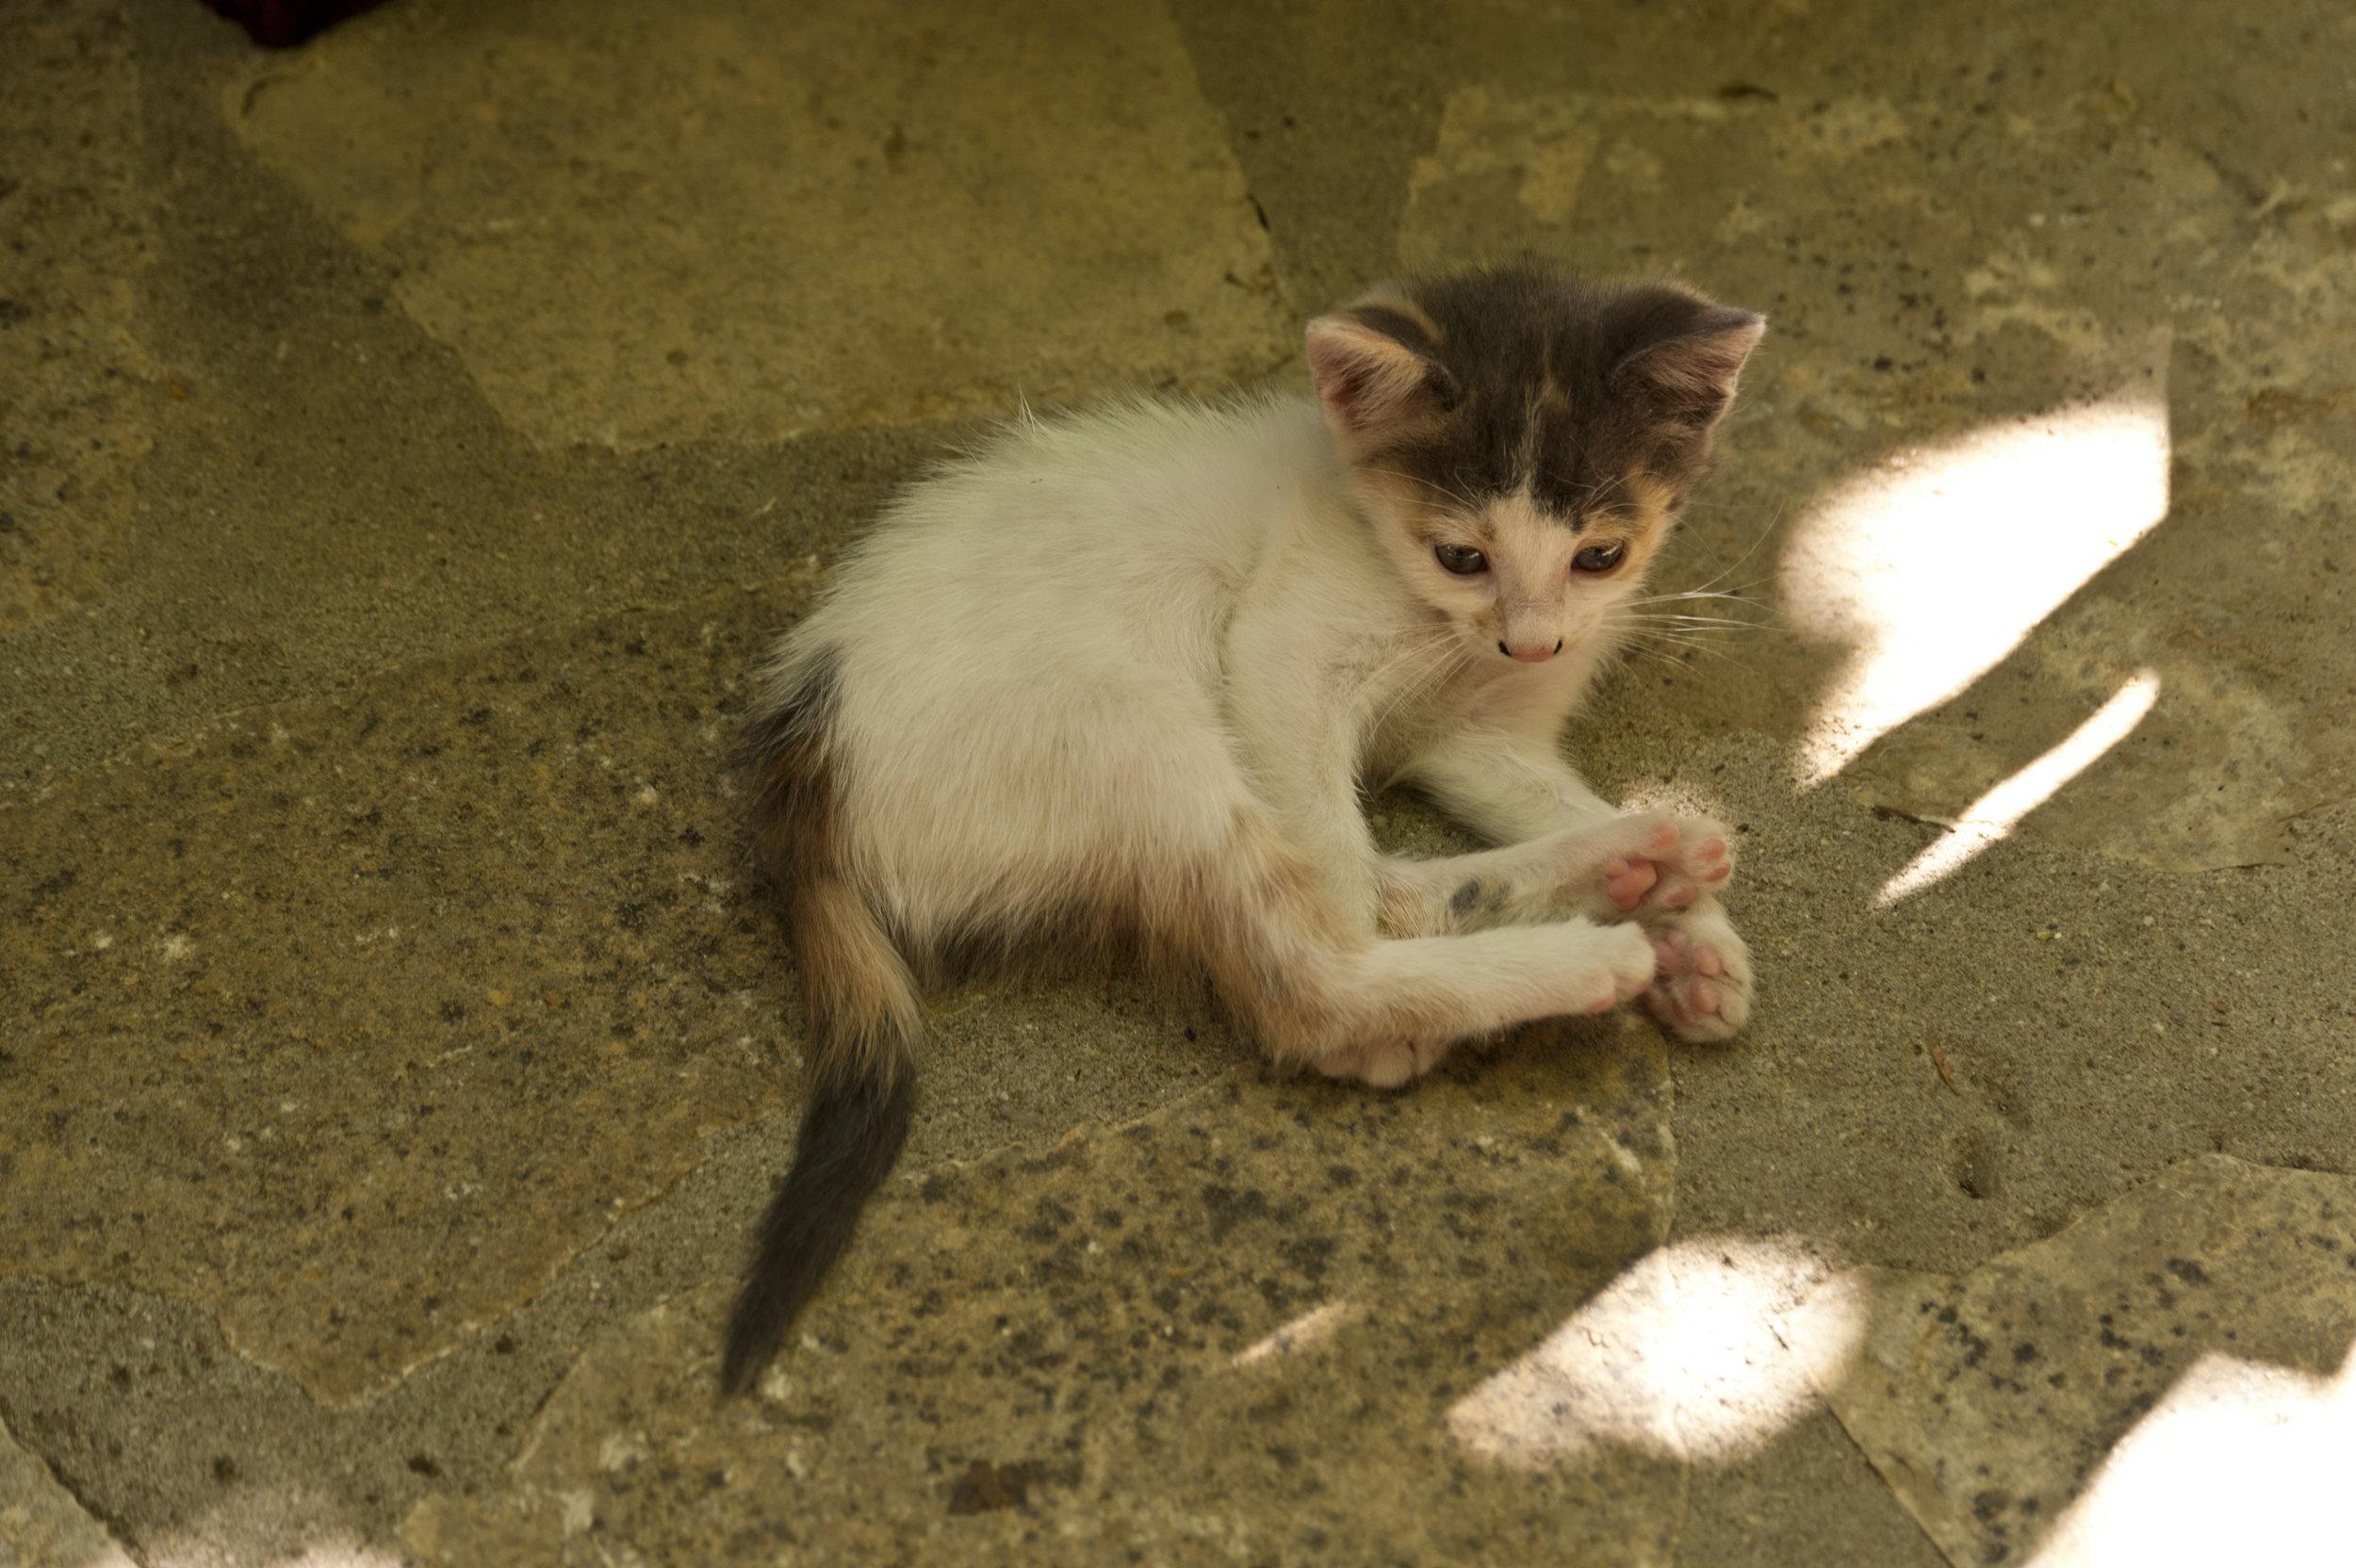 kitten-on-samos_GJL5h7c_.jpg